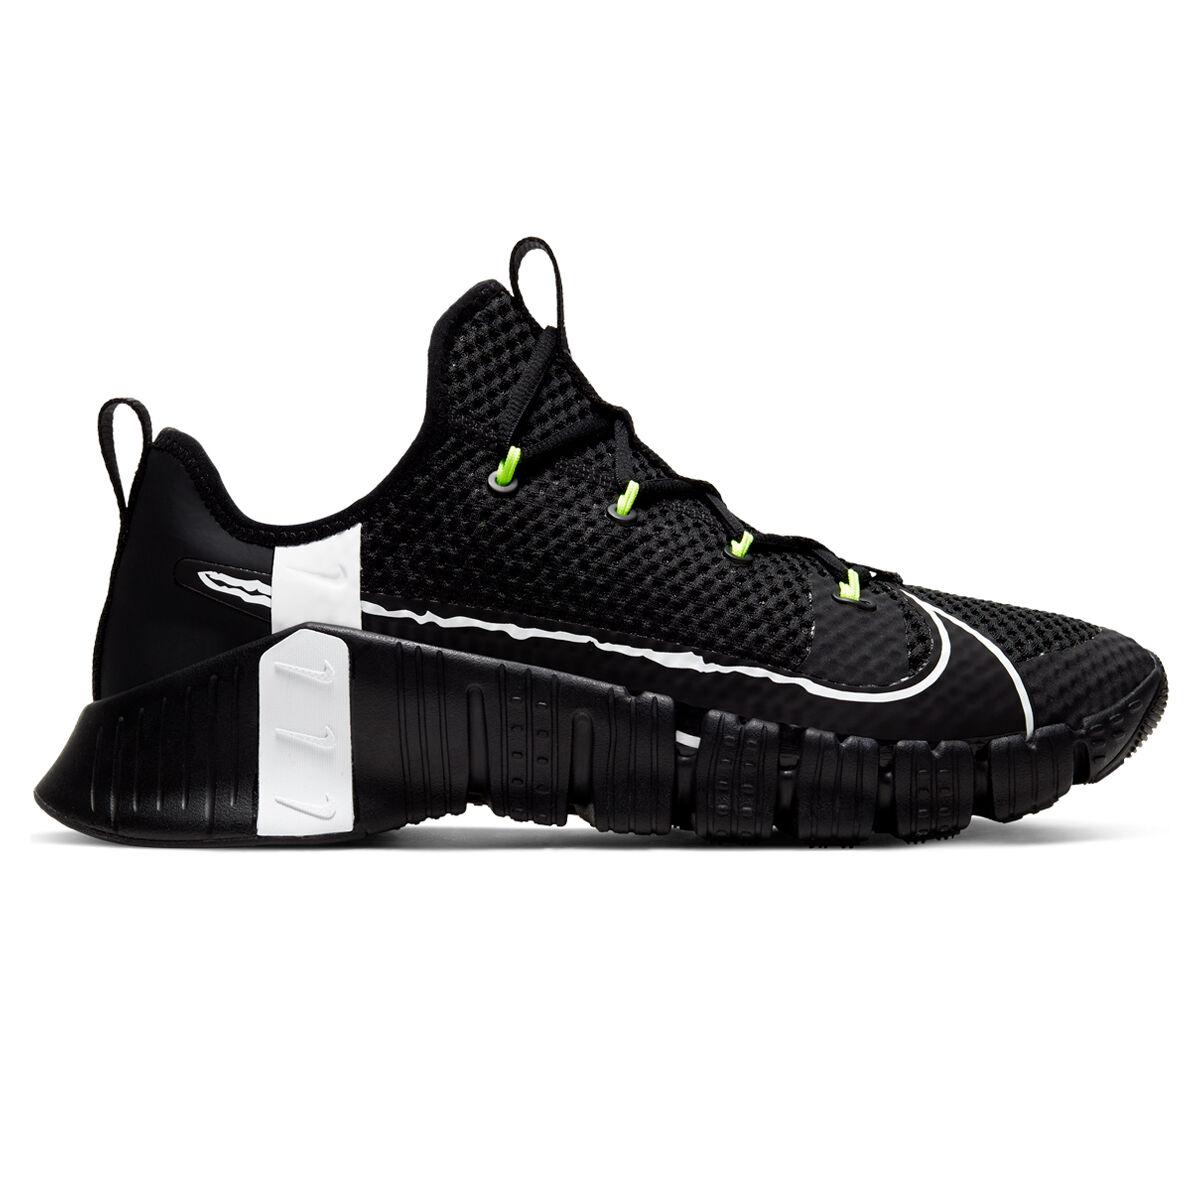 Nike Free Metcon 3 Mens Training Shoes